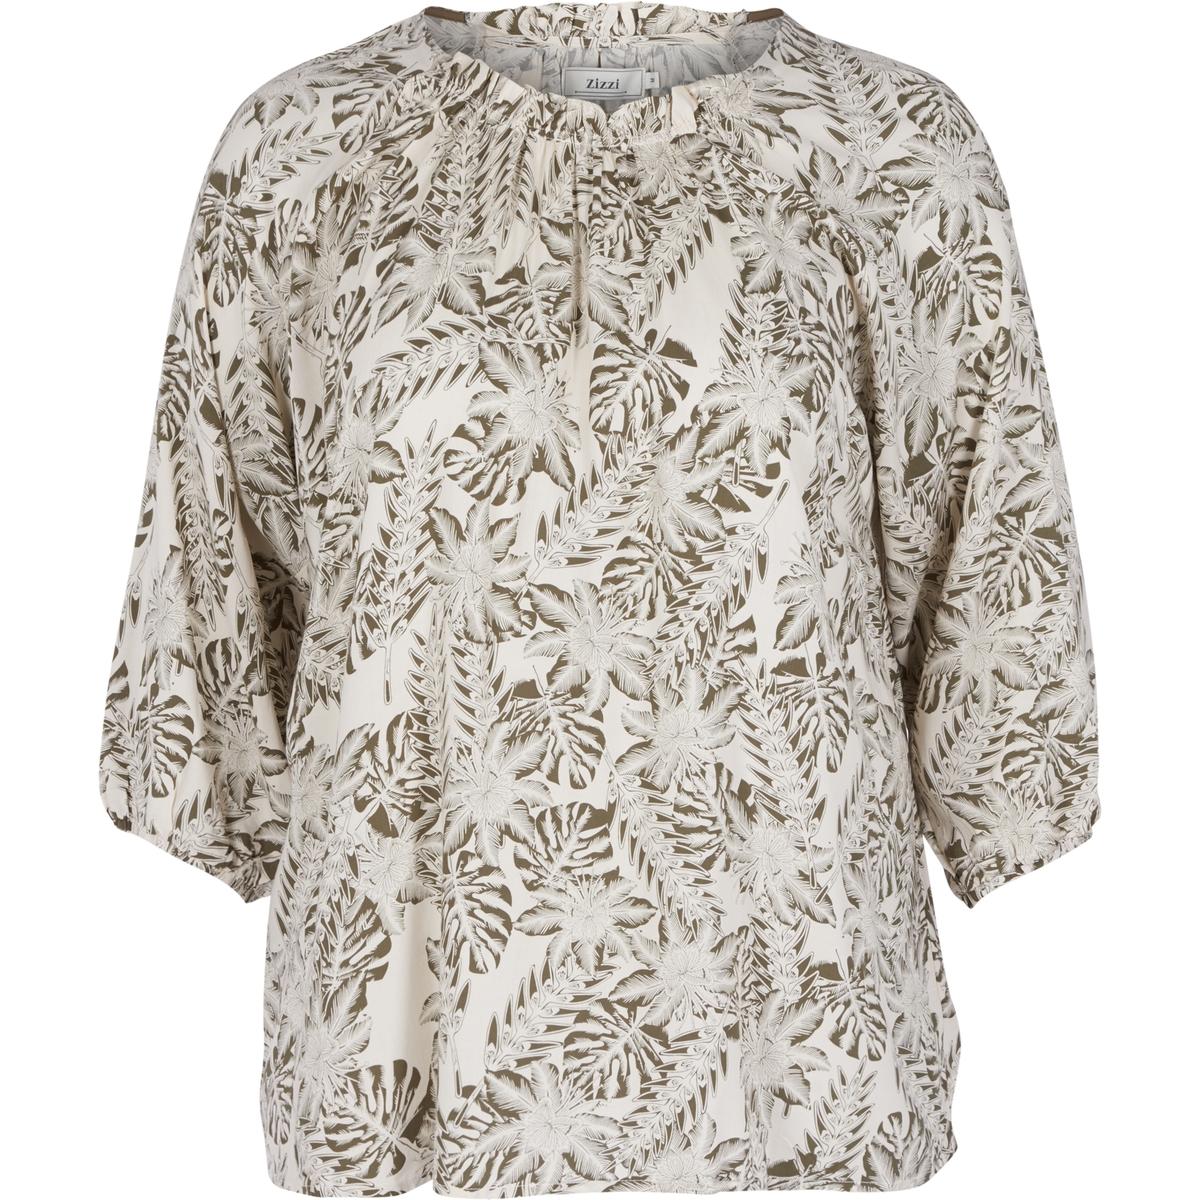 БлузкаСимпатичная женственная блузка со сплошным принтом. Круглый вырез и оригинальные рукава 3/4. Очень удобная в носке . Изящные вставки на уровне шеи и на рукавах с плиссированным эффектом .<br><br>Цвет: рисунок/зеленый<br>Размер: 46/48 (FR) - 52/54 (RUS)